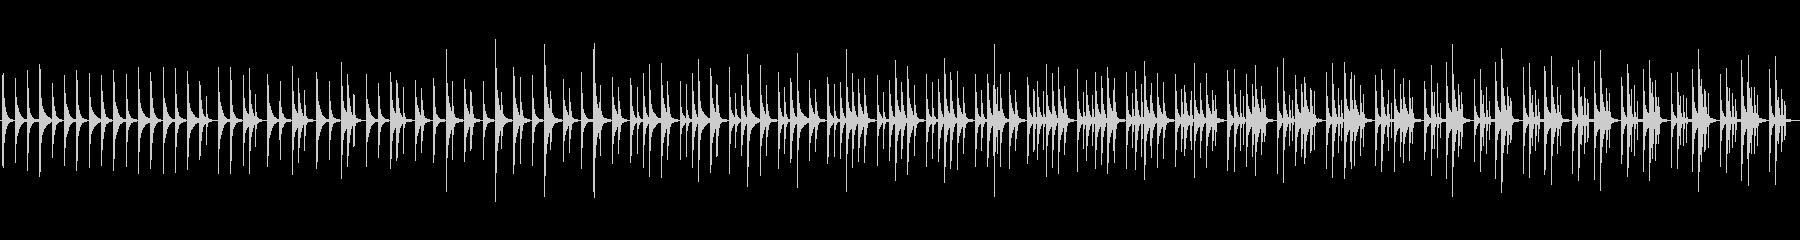 木琴5音階チャイムシンプル型、ミニマルの未再生の波形